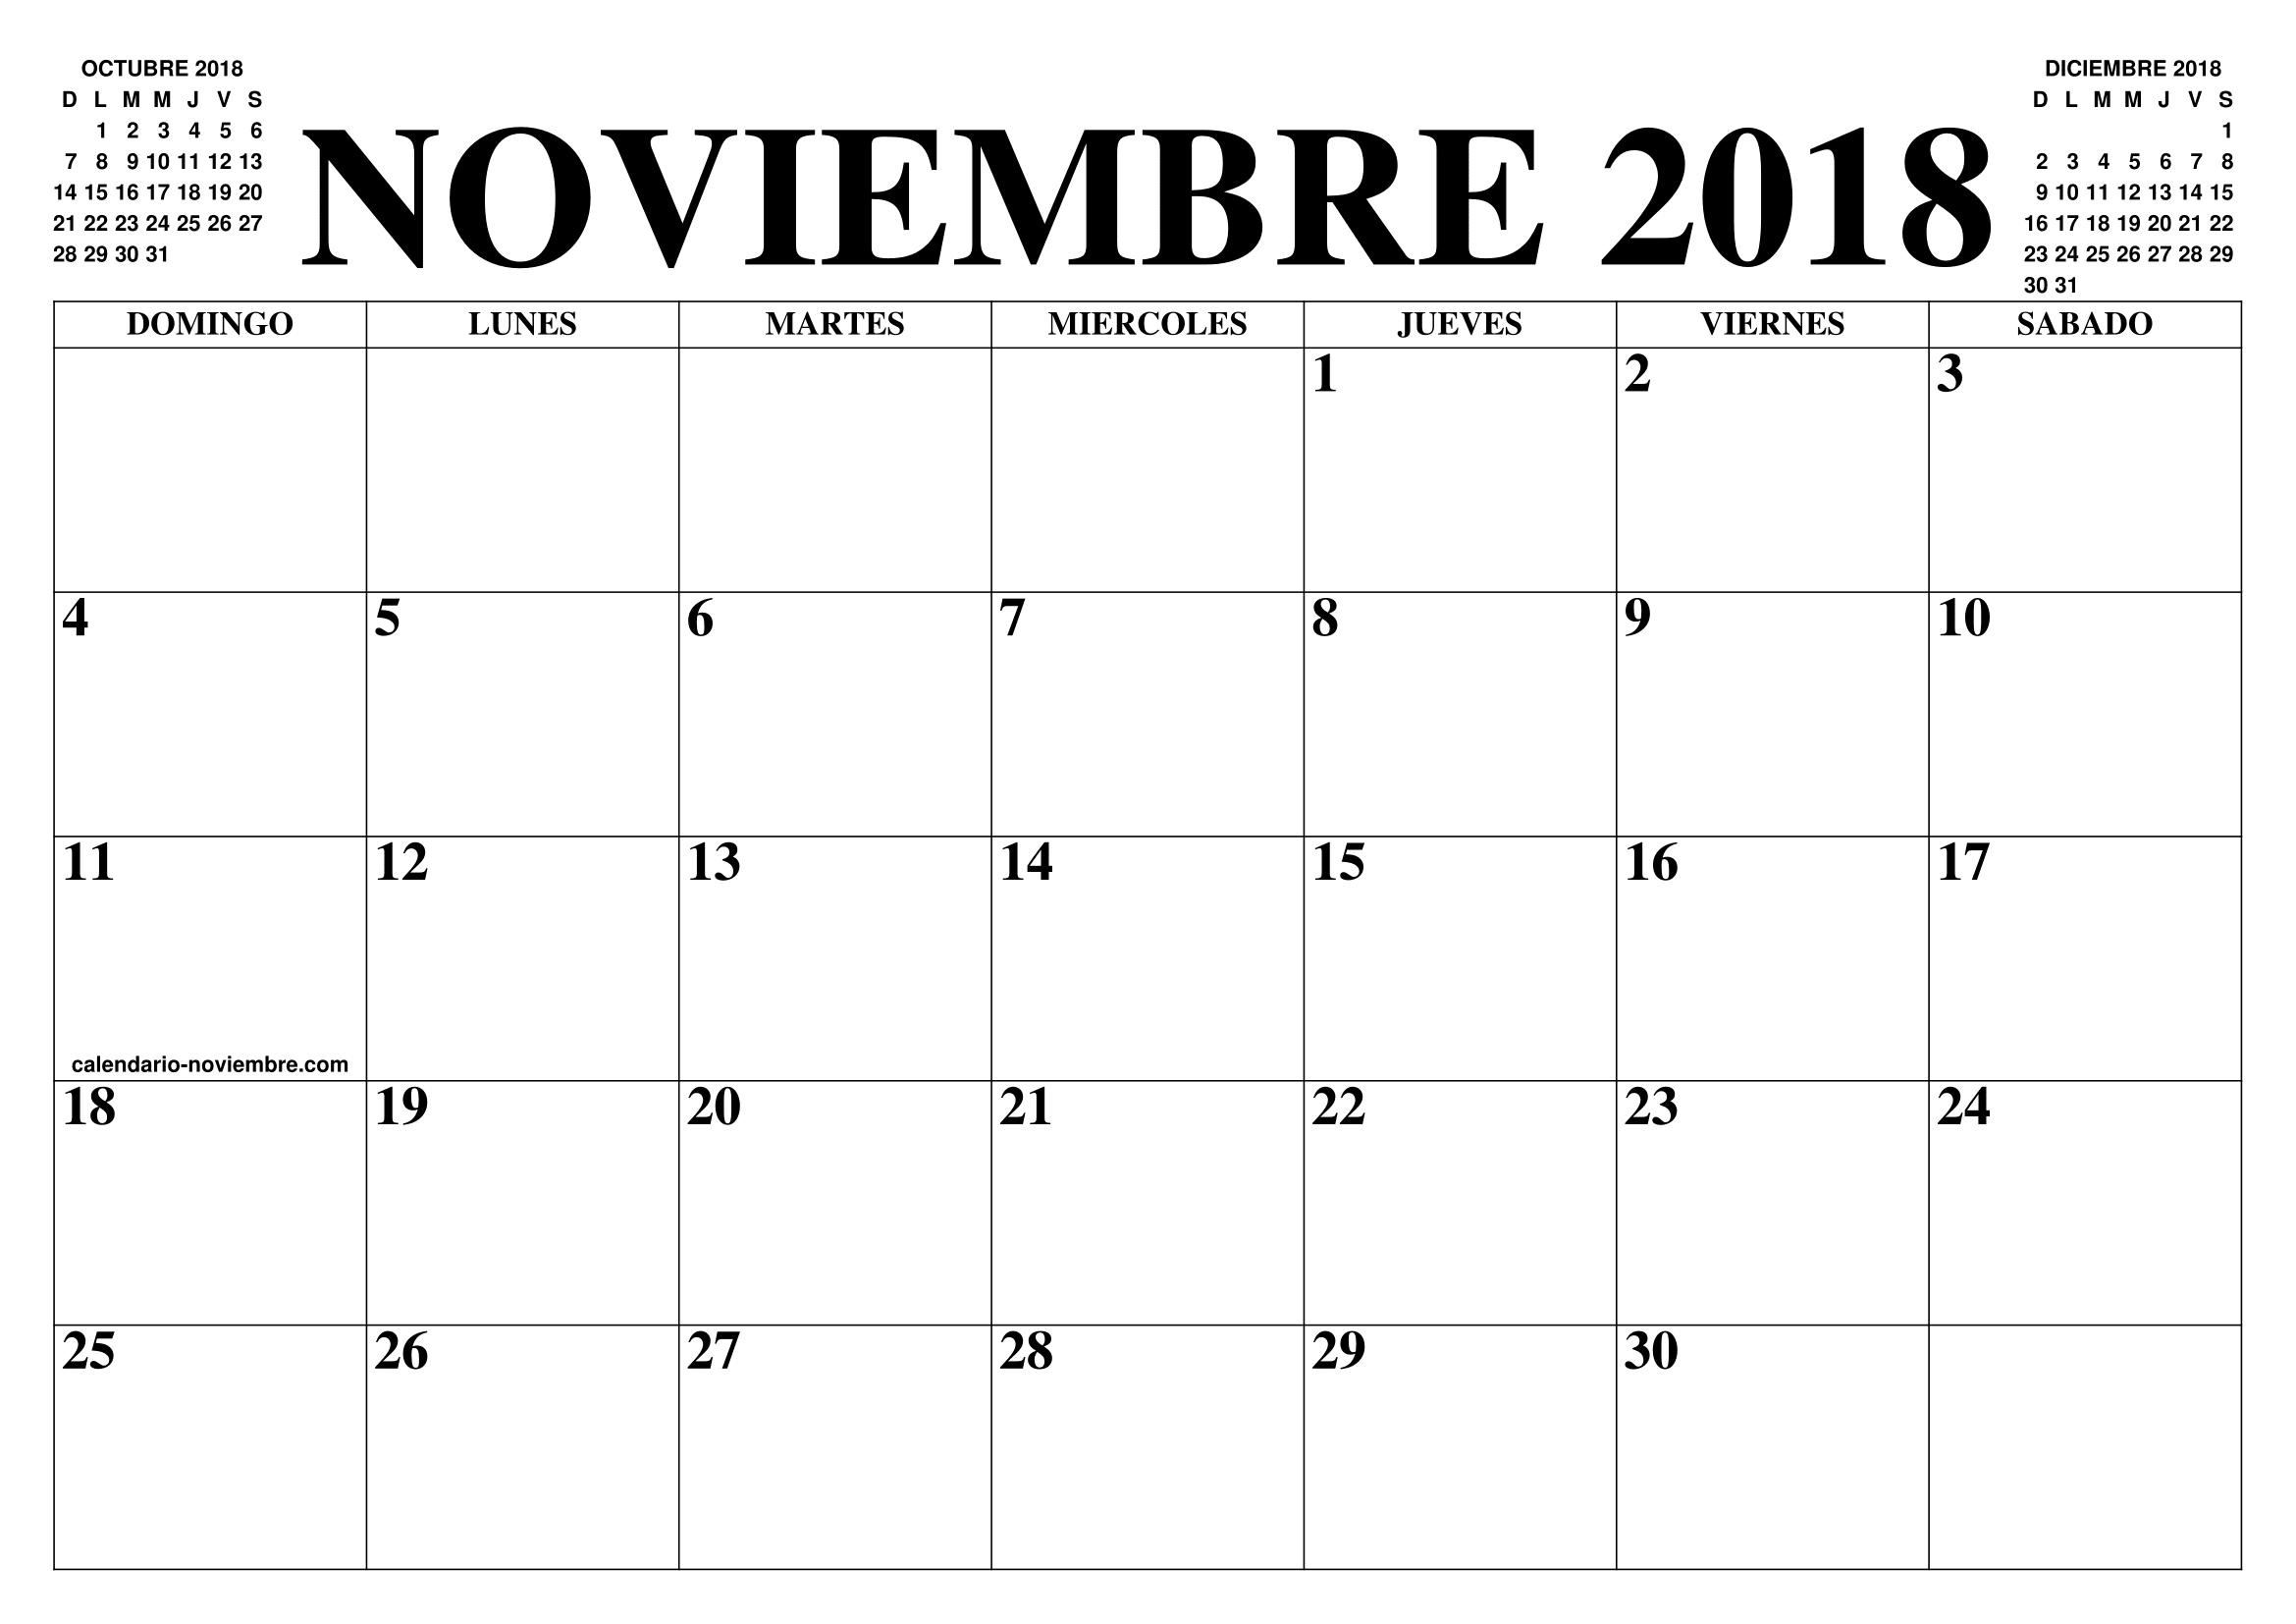 2018 Calendario Noviembre